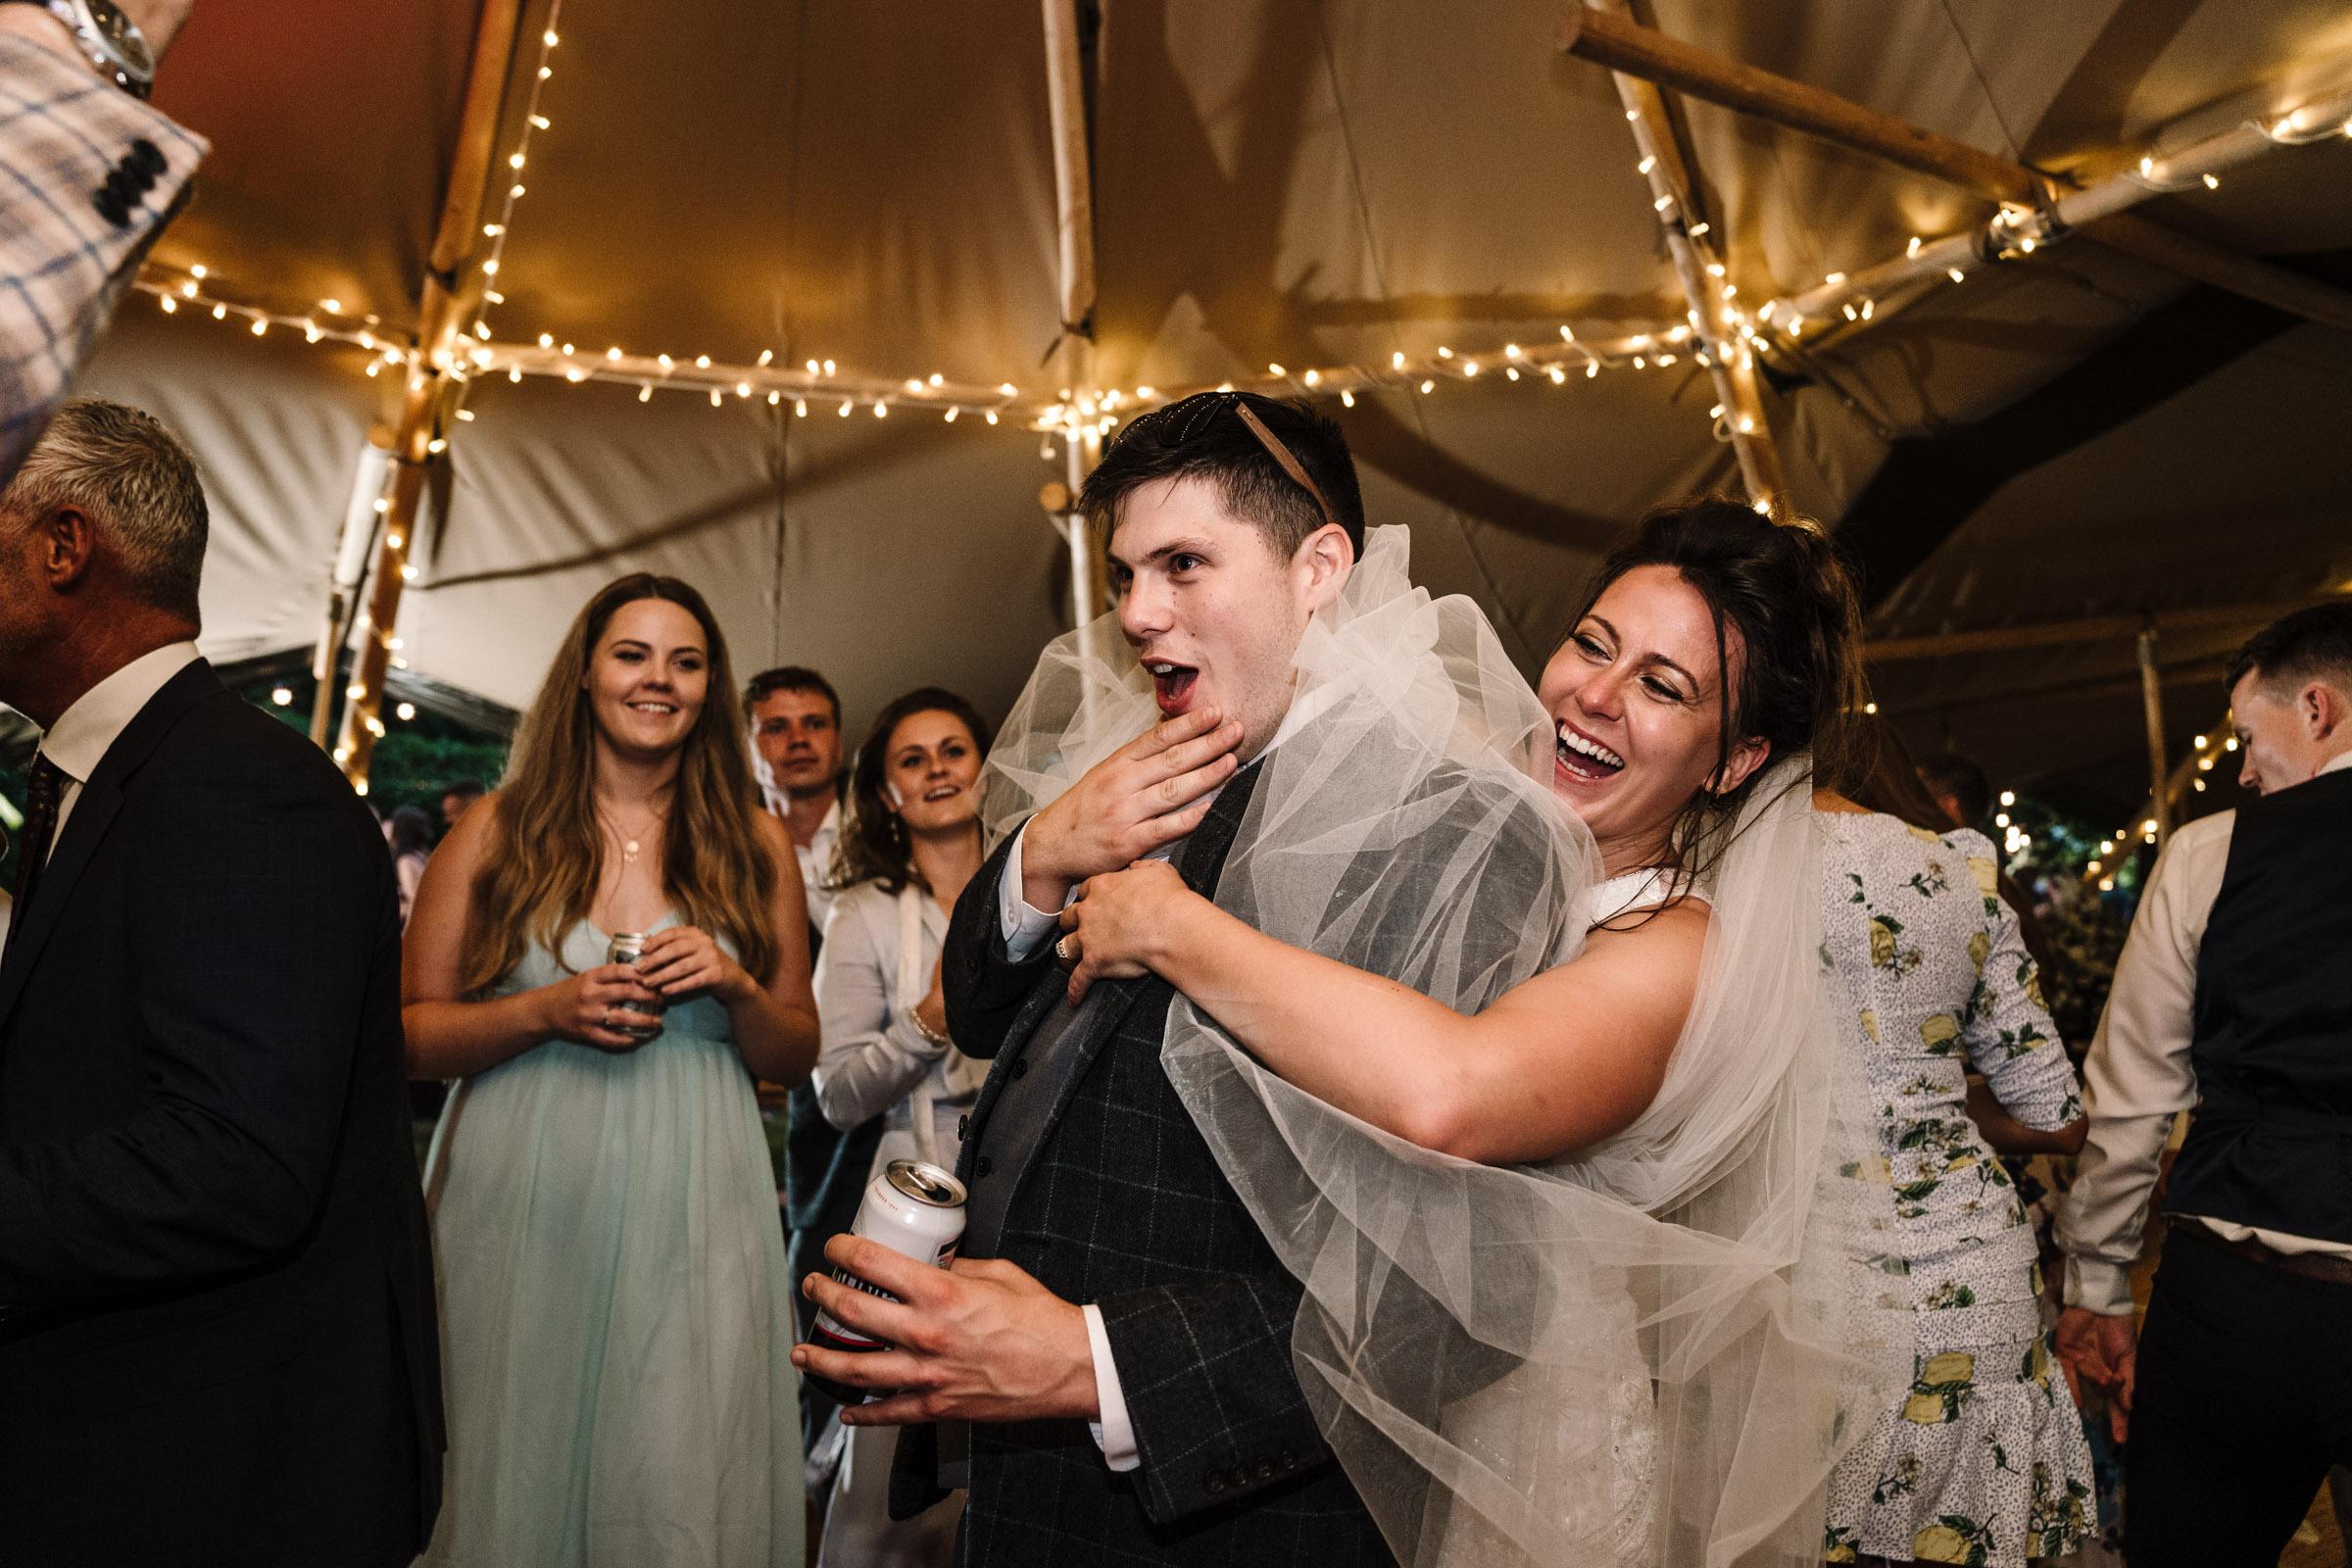 tipi wedding, bride and guests dancing on dancefloor